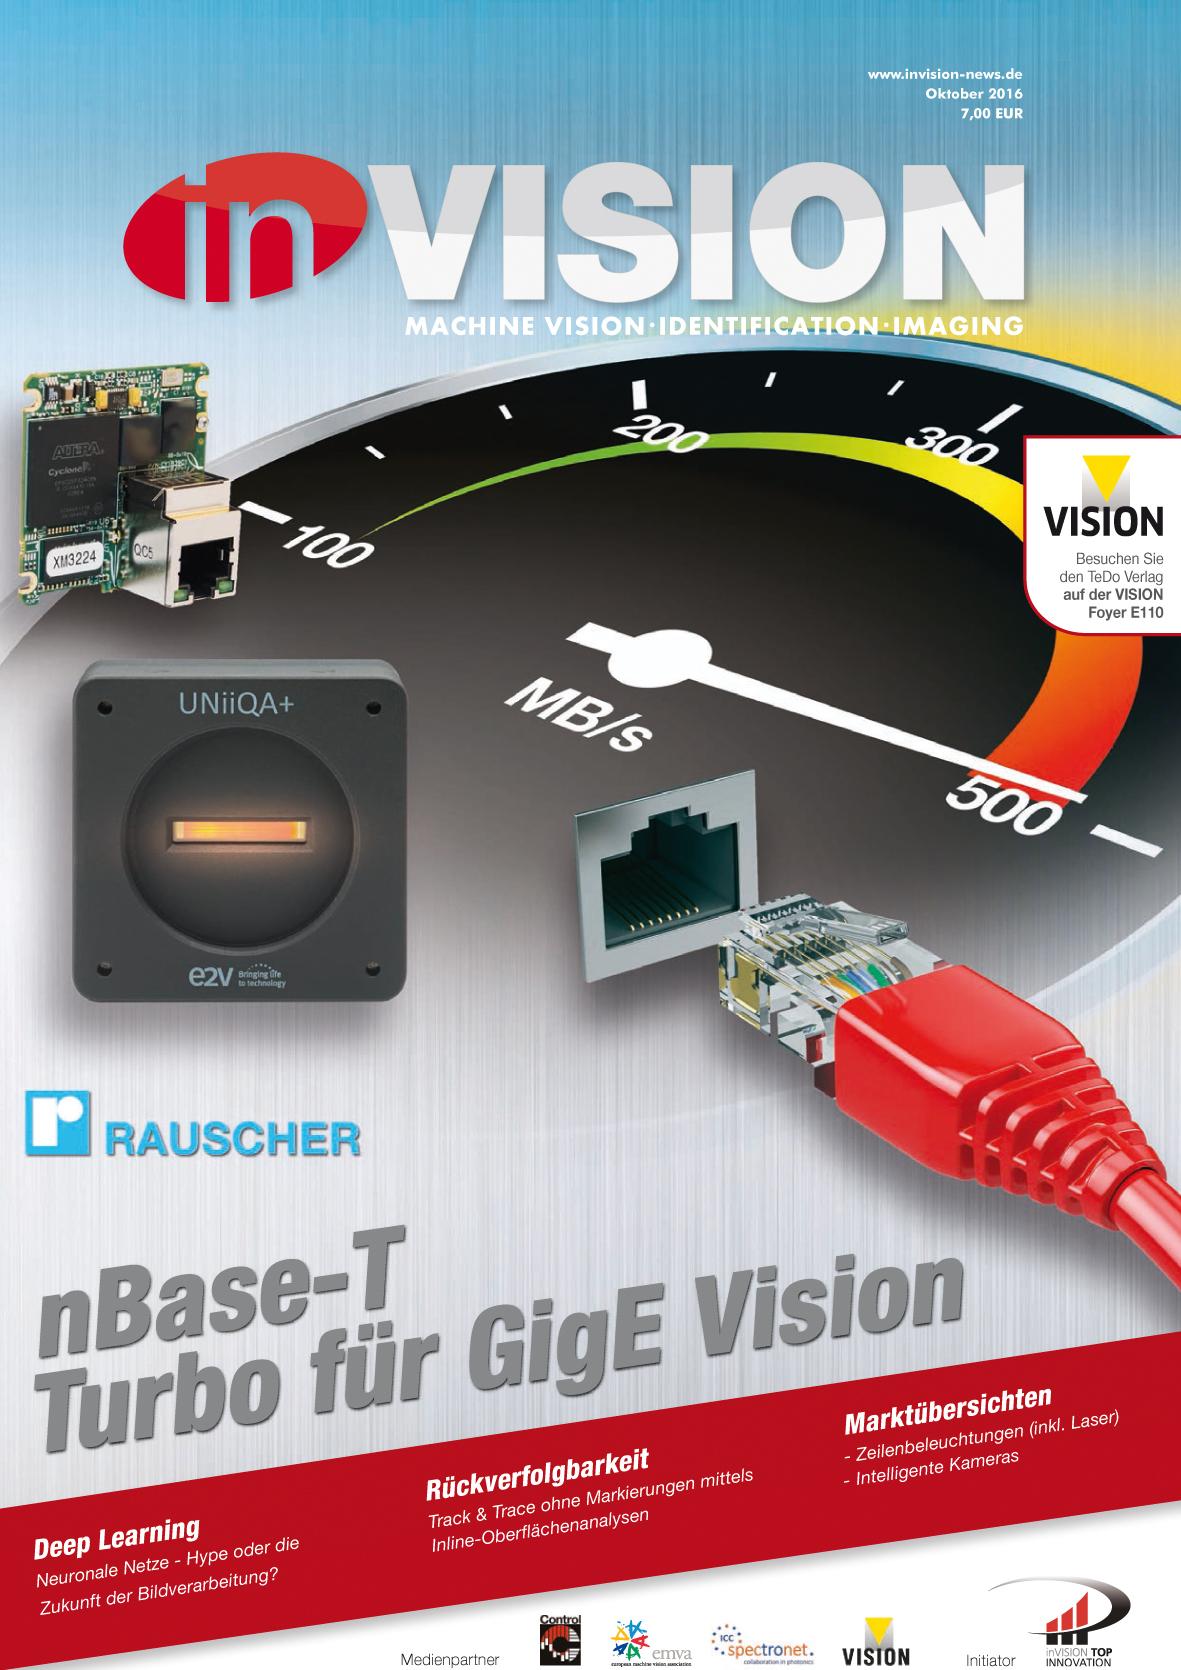 VISION Ausgabe der inVISION online